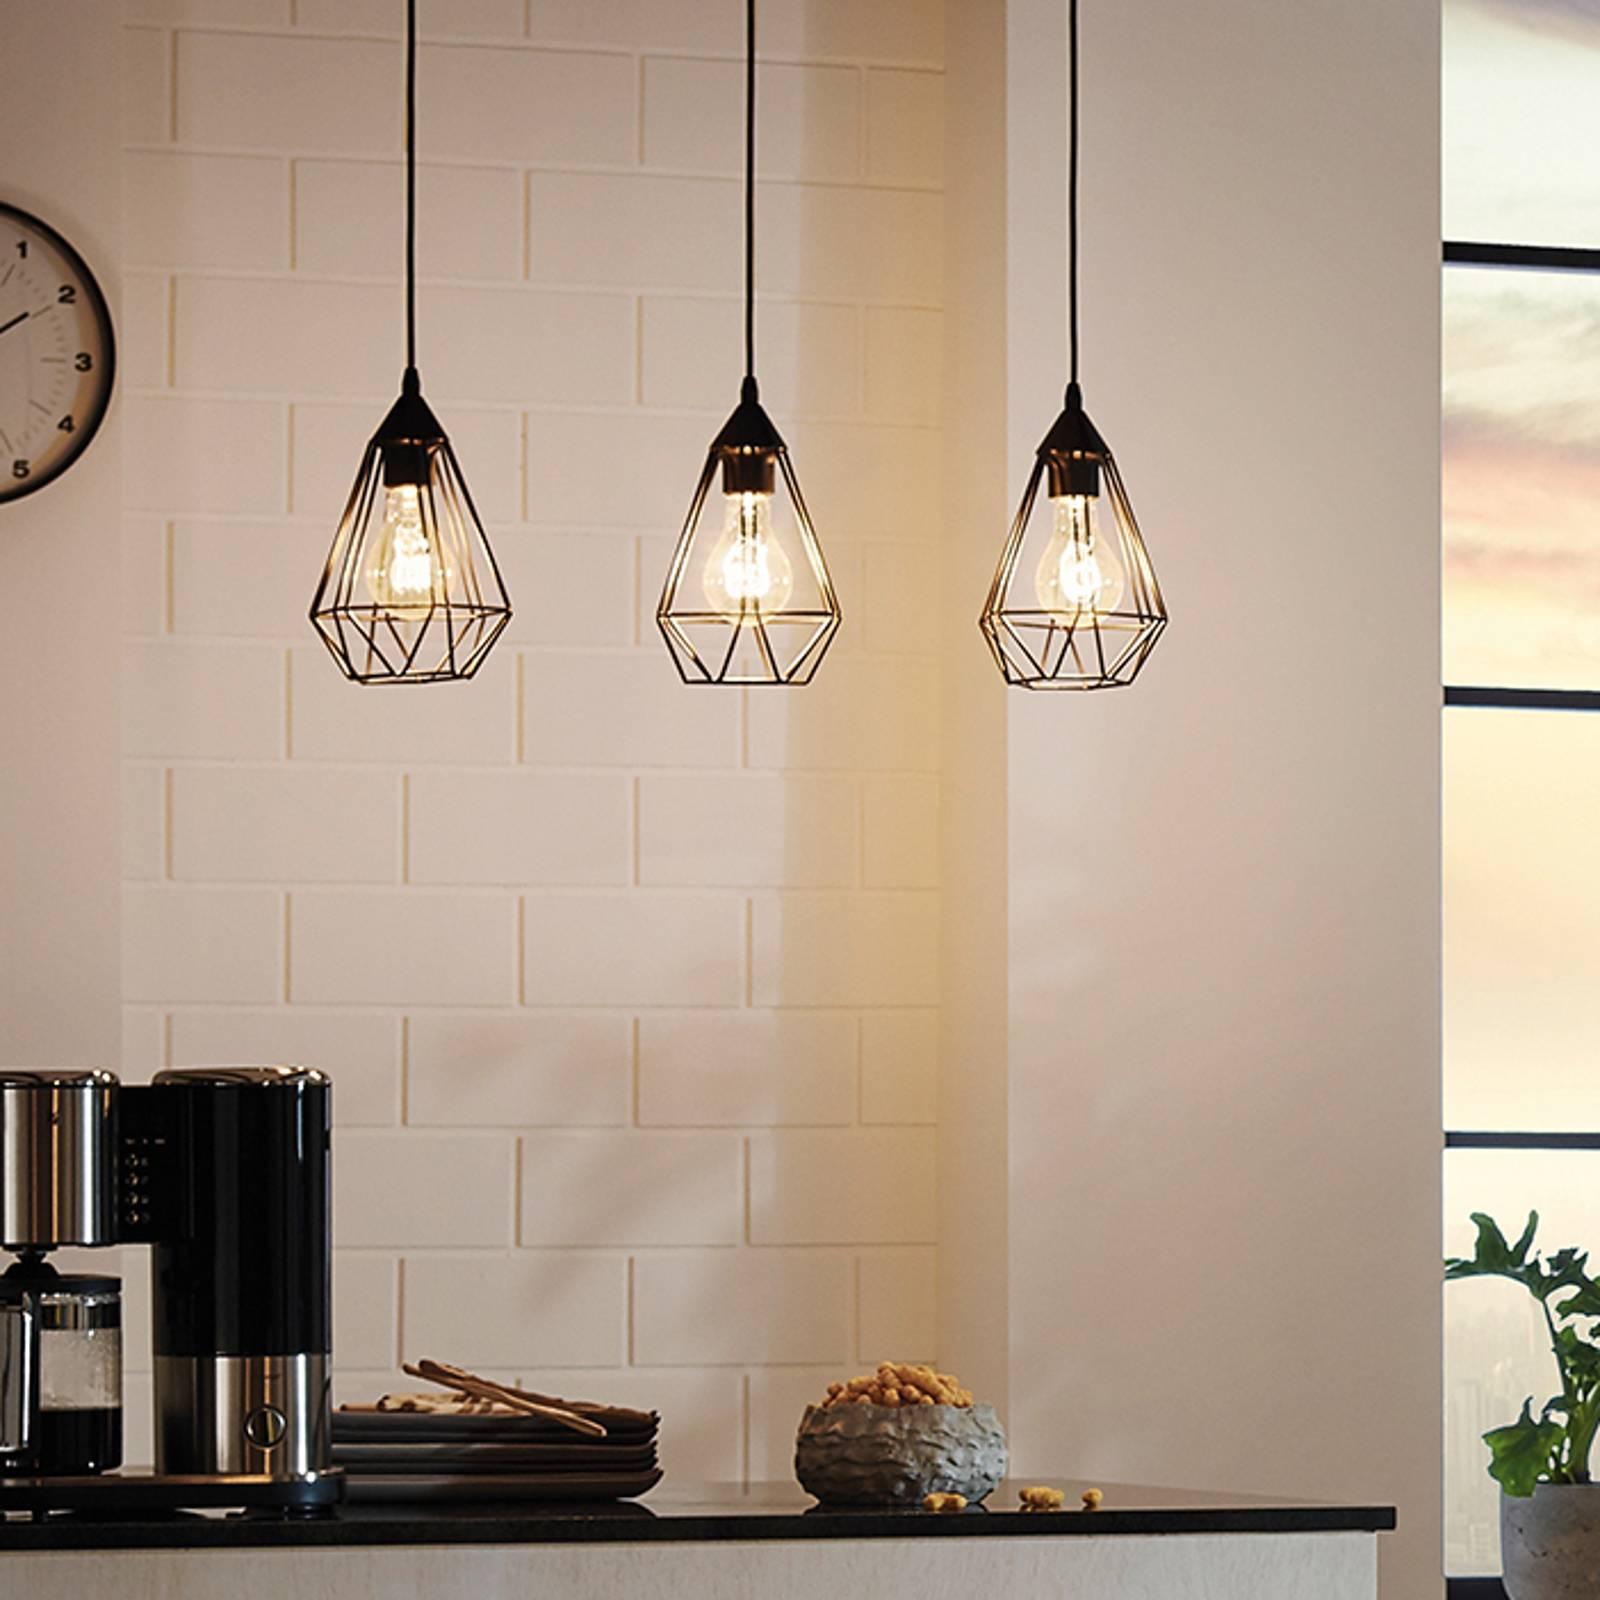 schwarz leuchtmittel und weitere lampen g nstig online kaufen bei i love. Black Bedroom Furniture Sets. Home Design Ideas